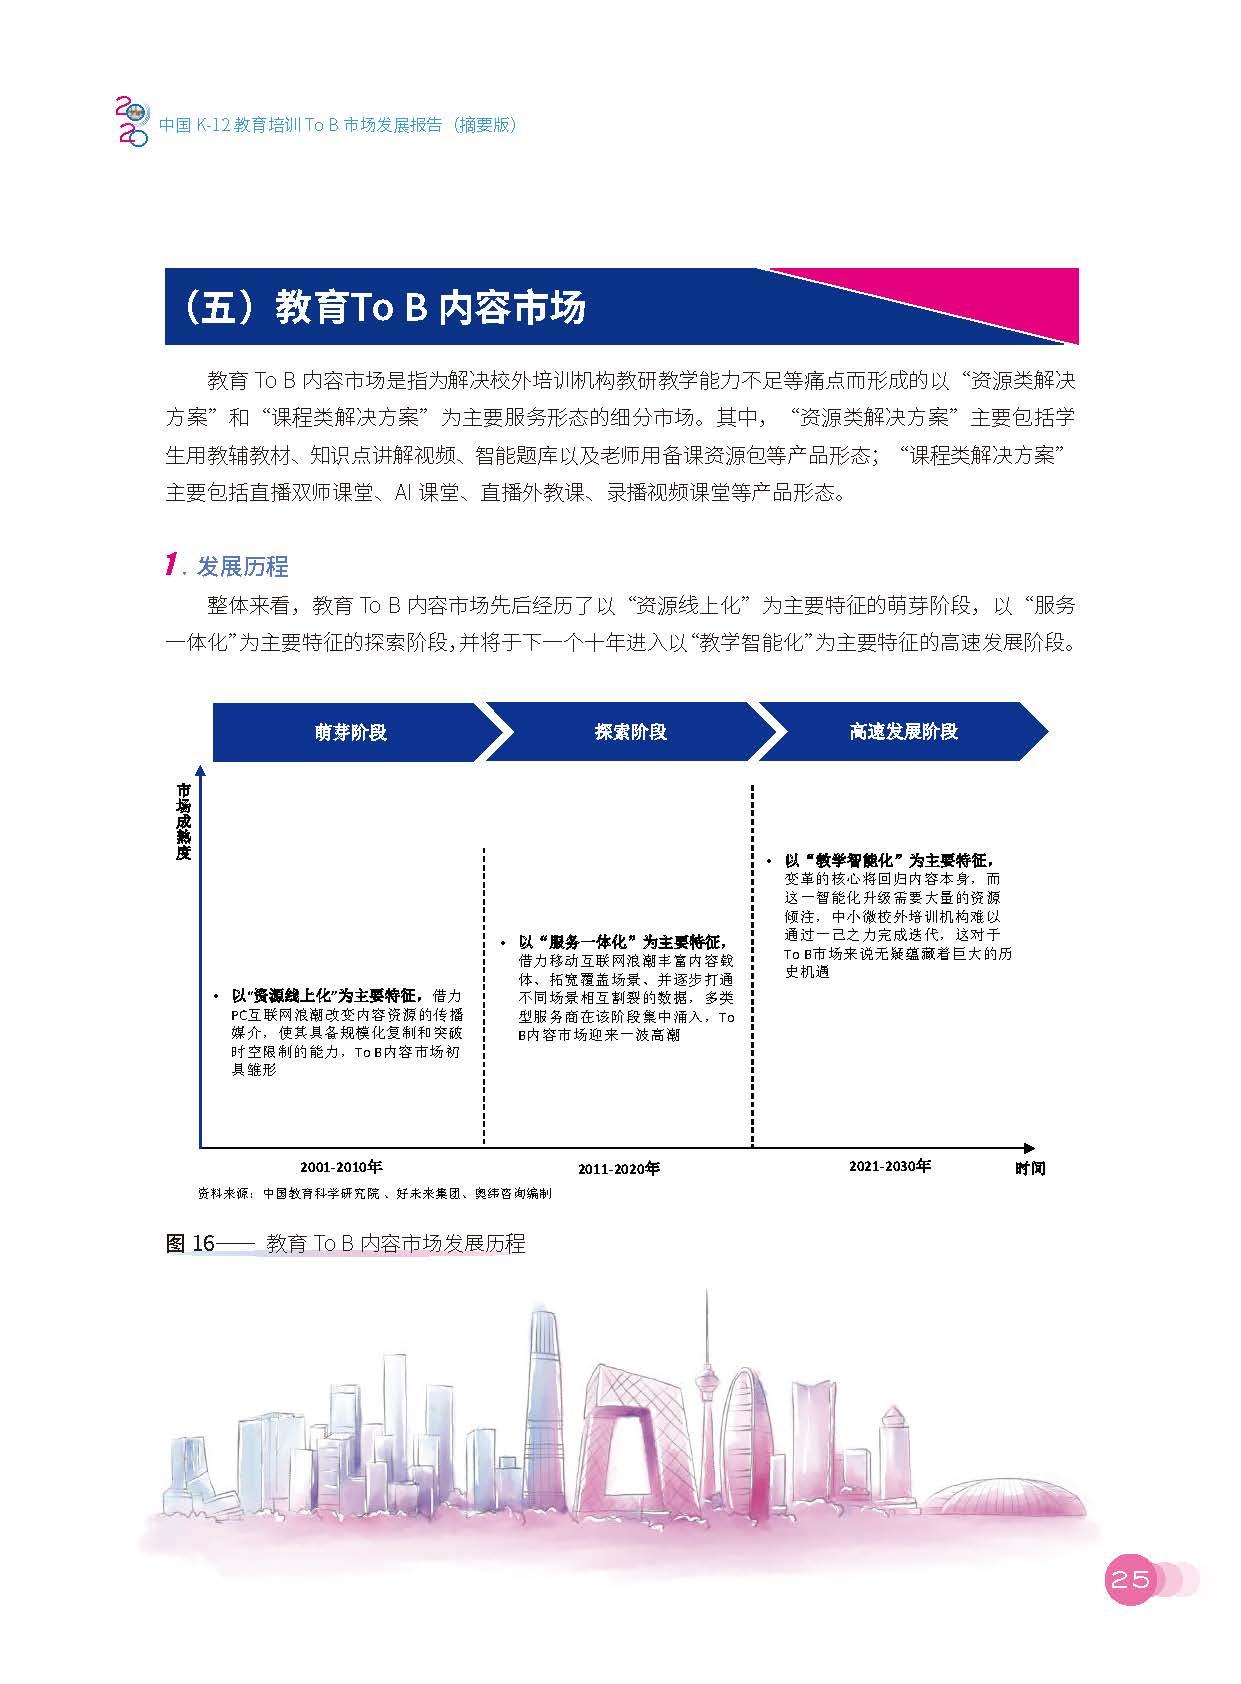 中国教育科学研究院:2020中国K~12教育培训To B市场发展报告(56页)_页面_28.jpg